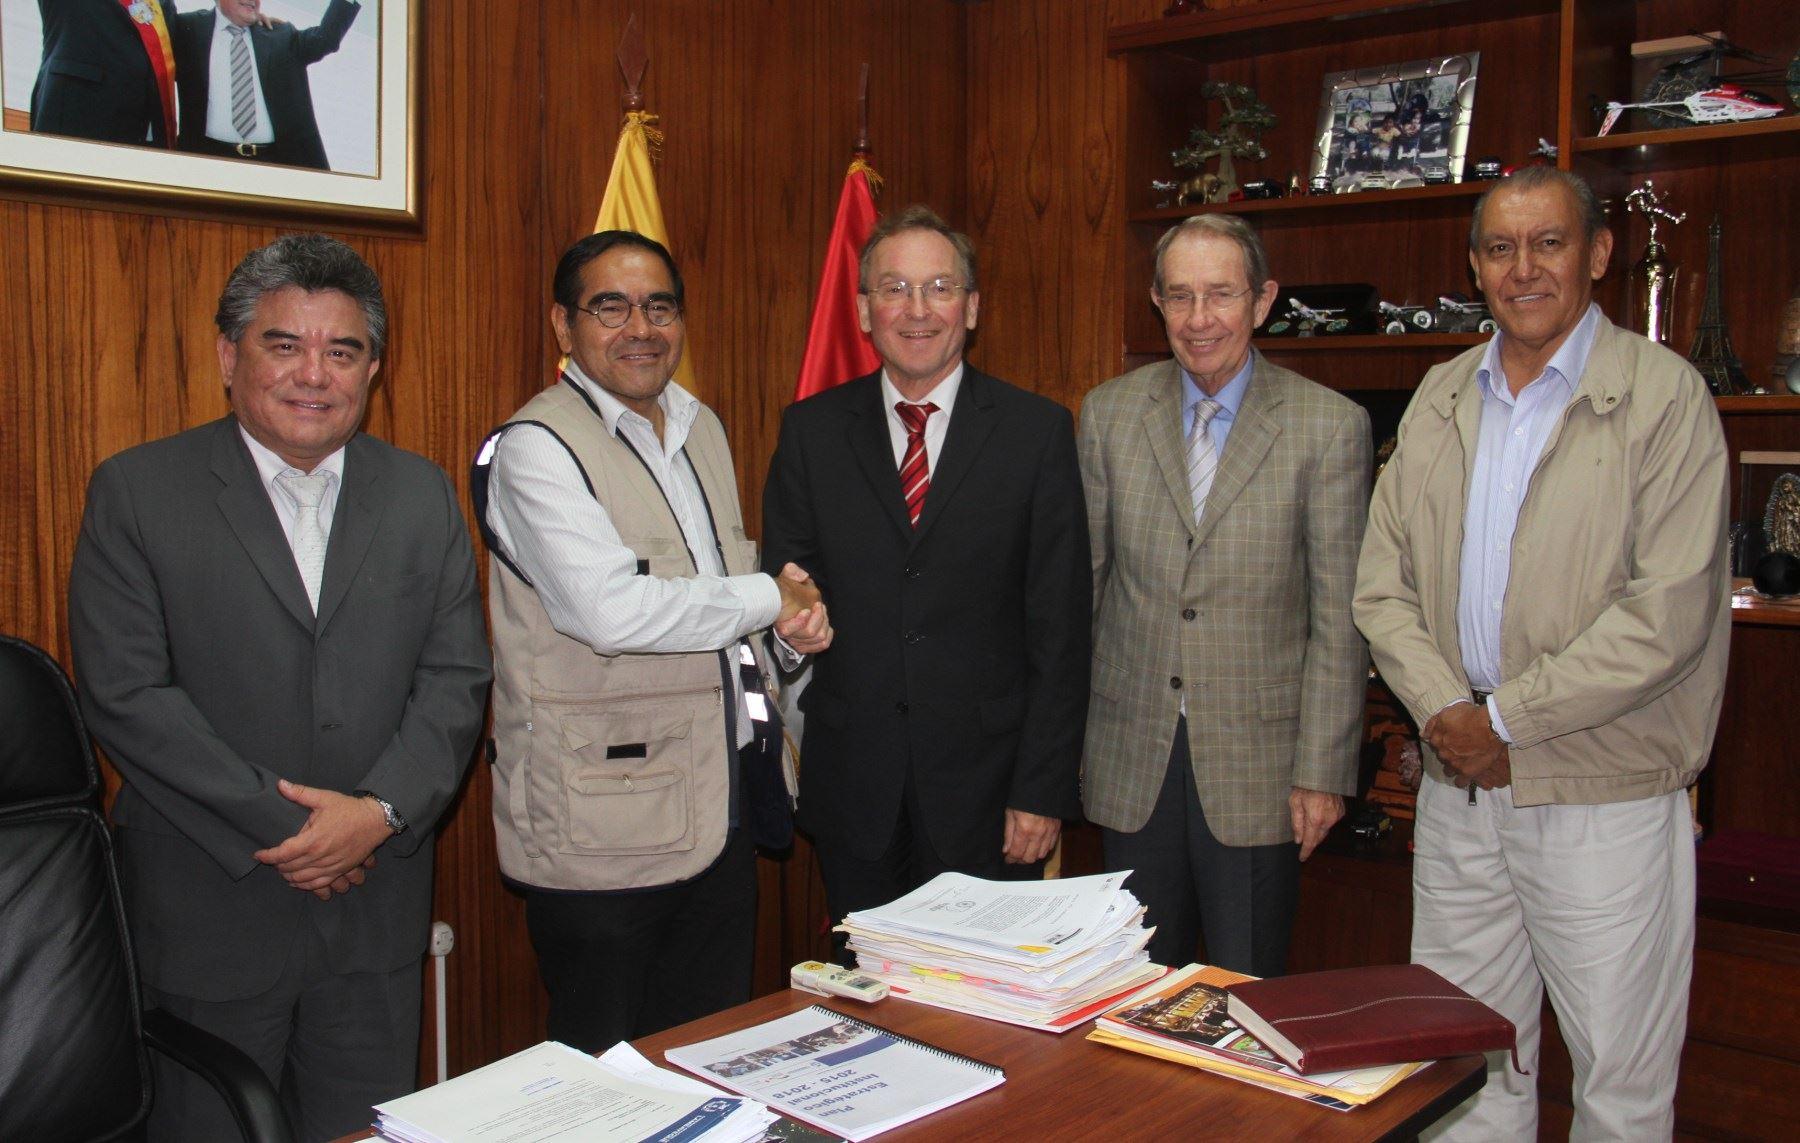 Embajador de Alemania en el Perú, Jörg Ranau, se reunió con autoridades regionales de Lambayeque.